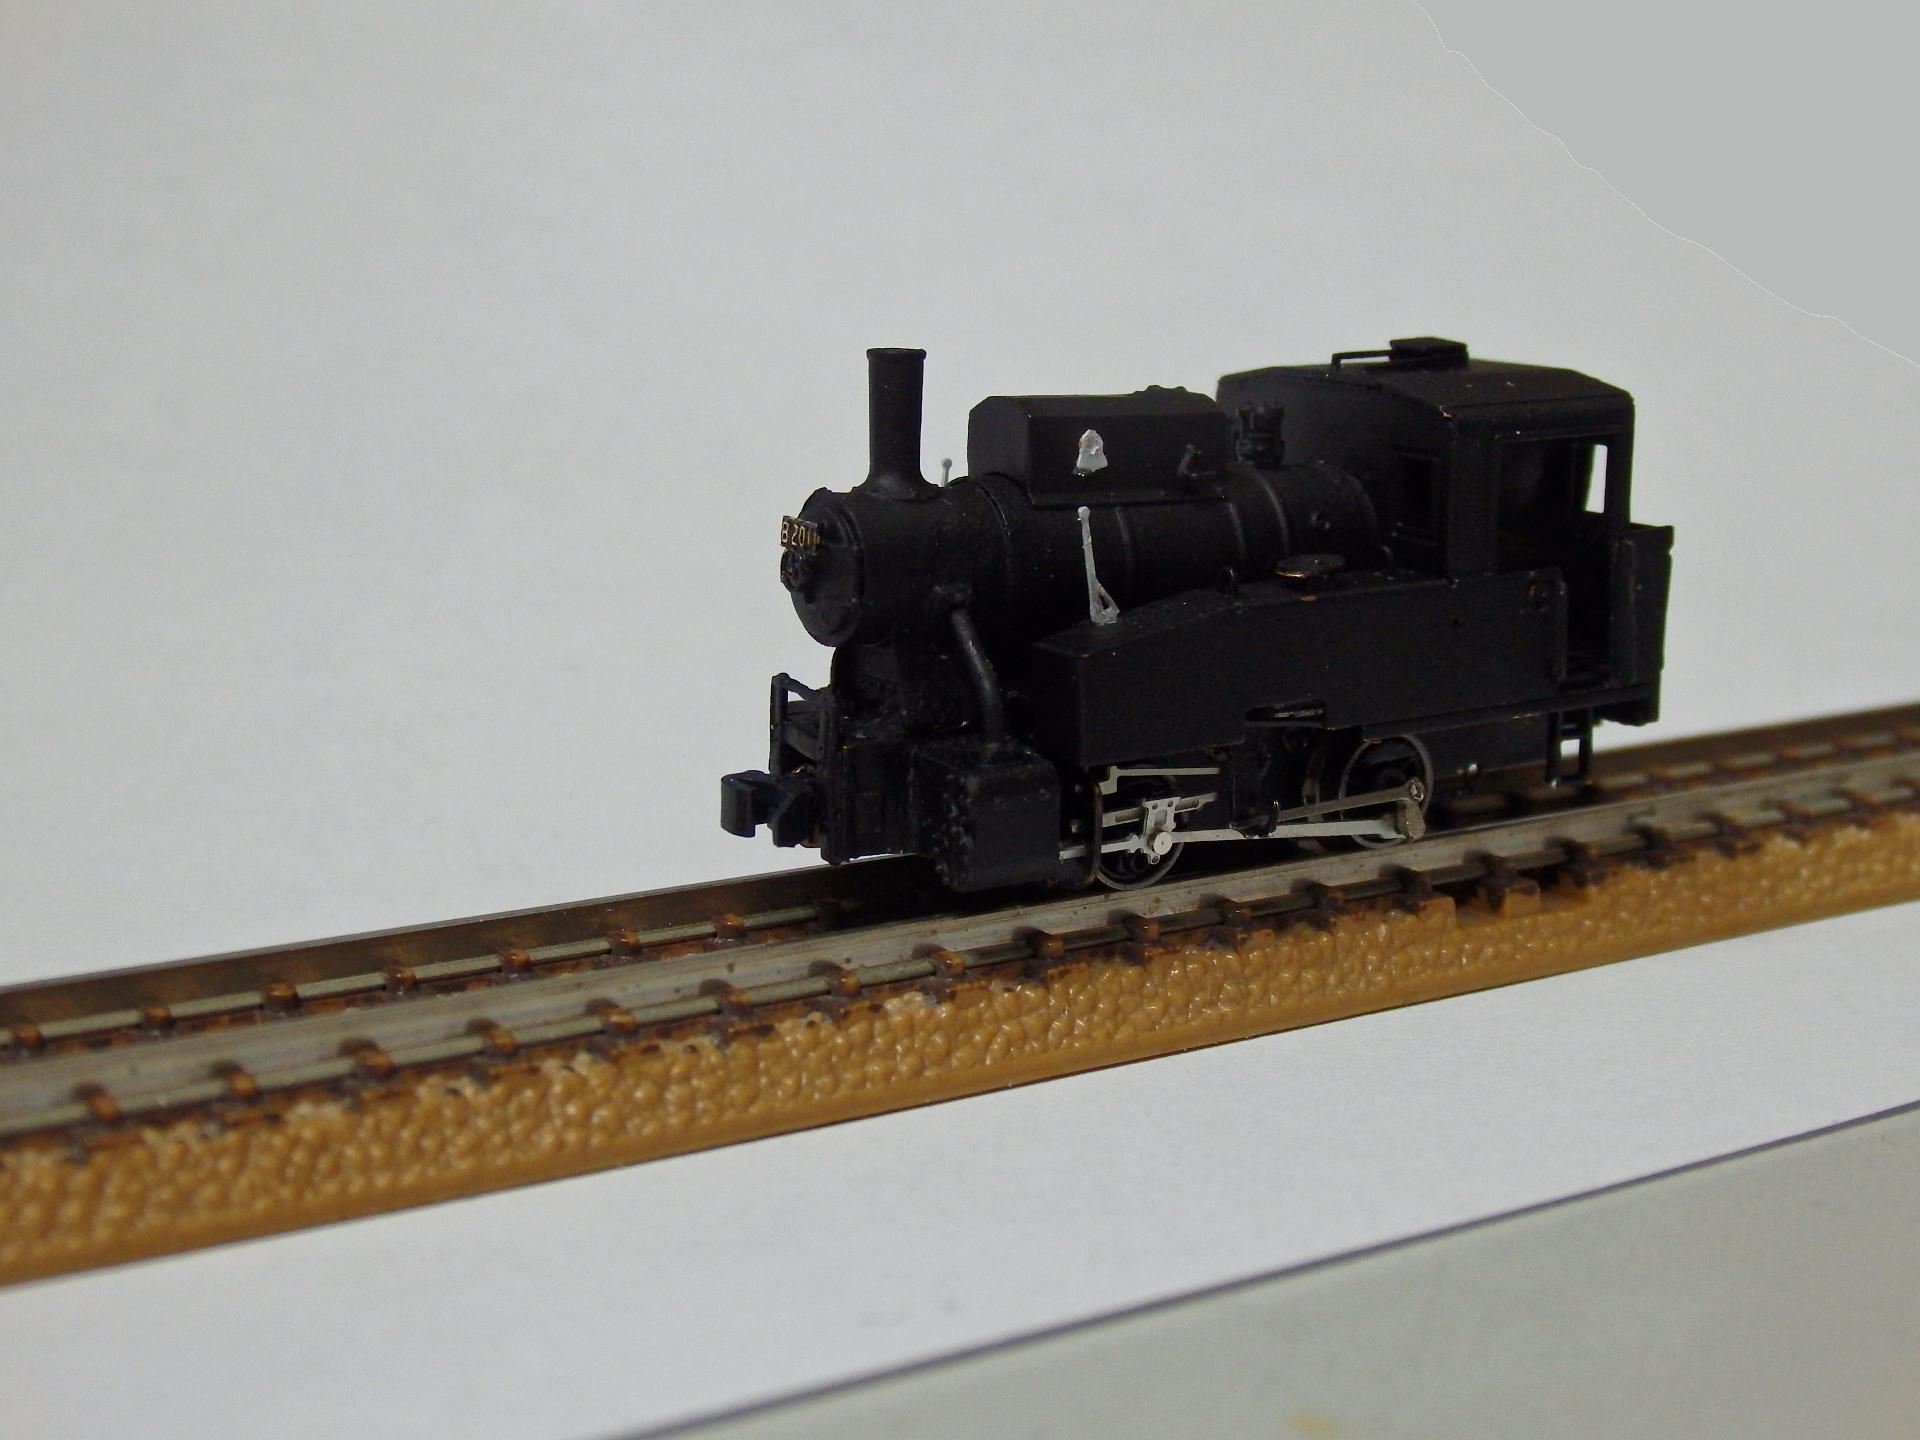 ワールド工芸のB20形蒸気機関車です。